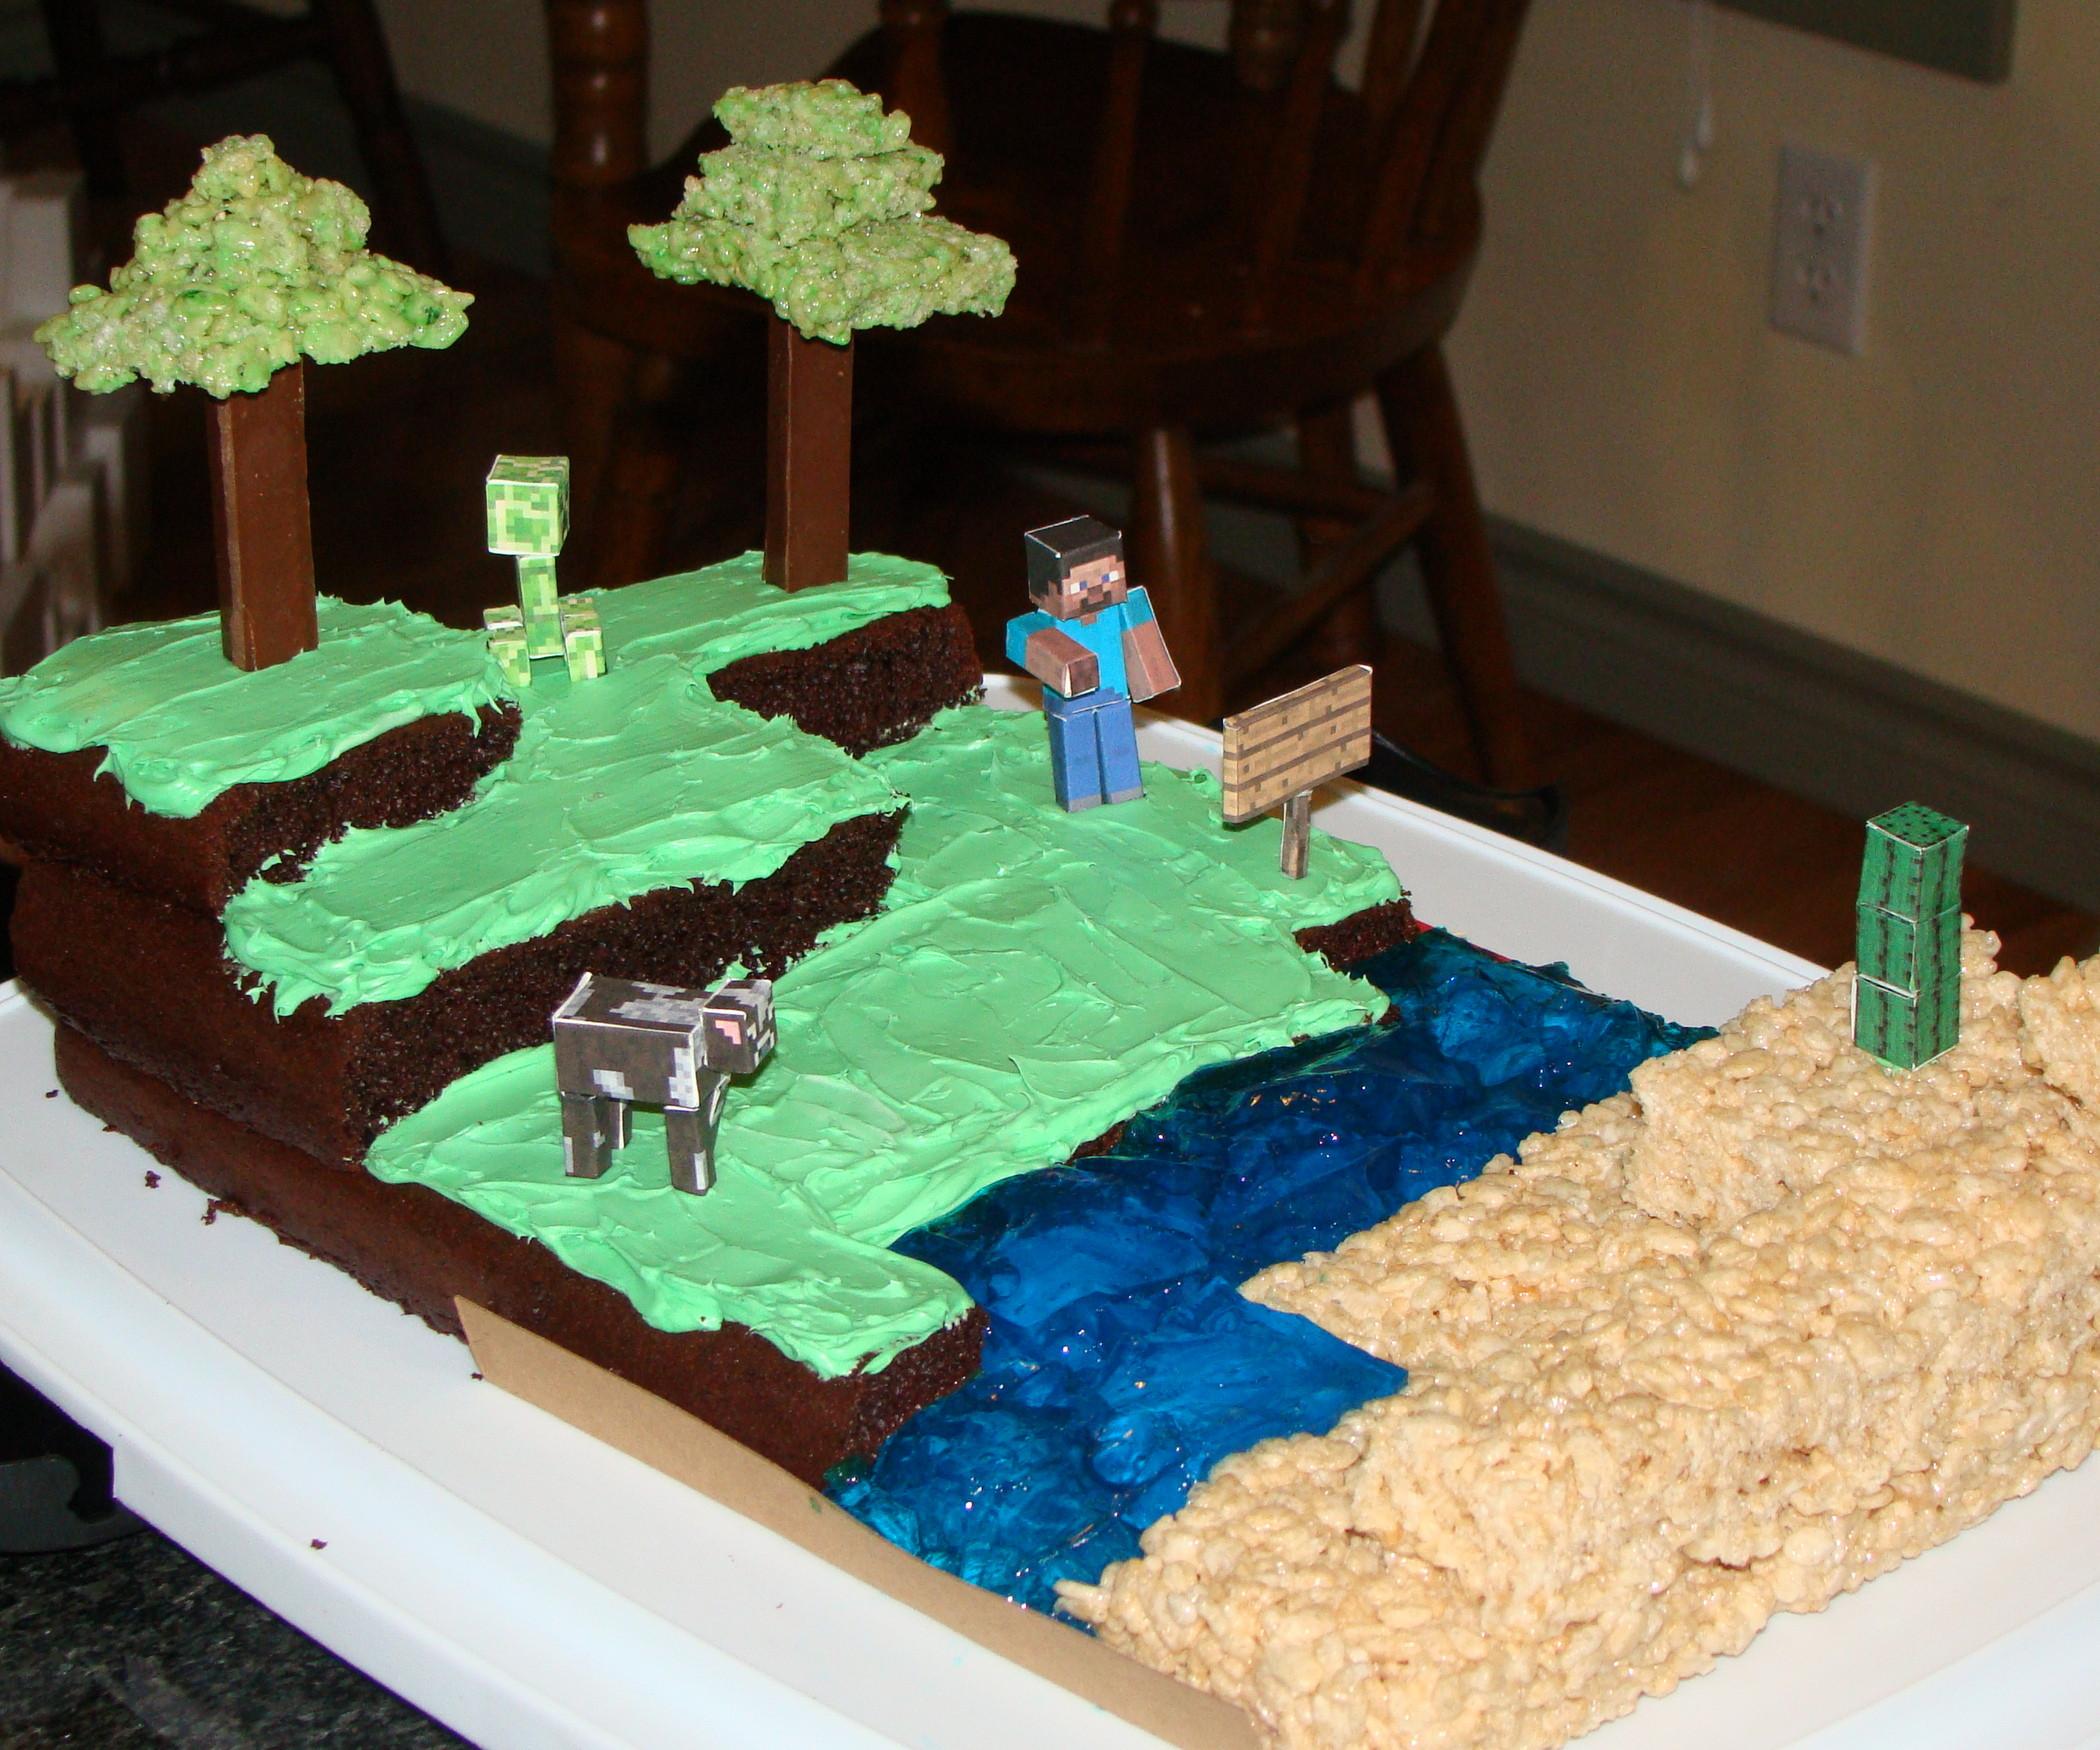 Best ideas about Minecraft Birthday Cake . Save or Pin Minecraft Birthday Cake All Now.